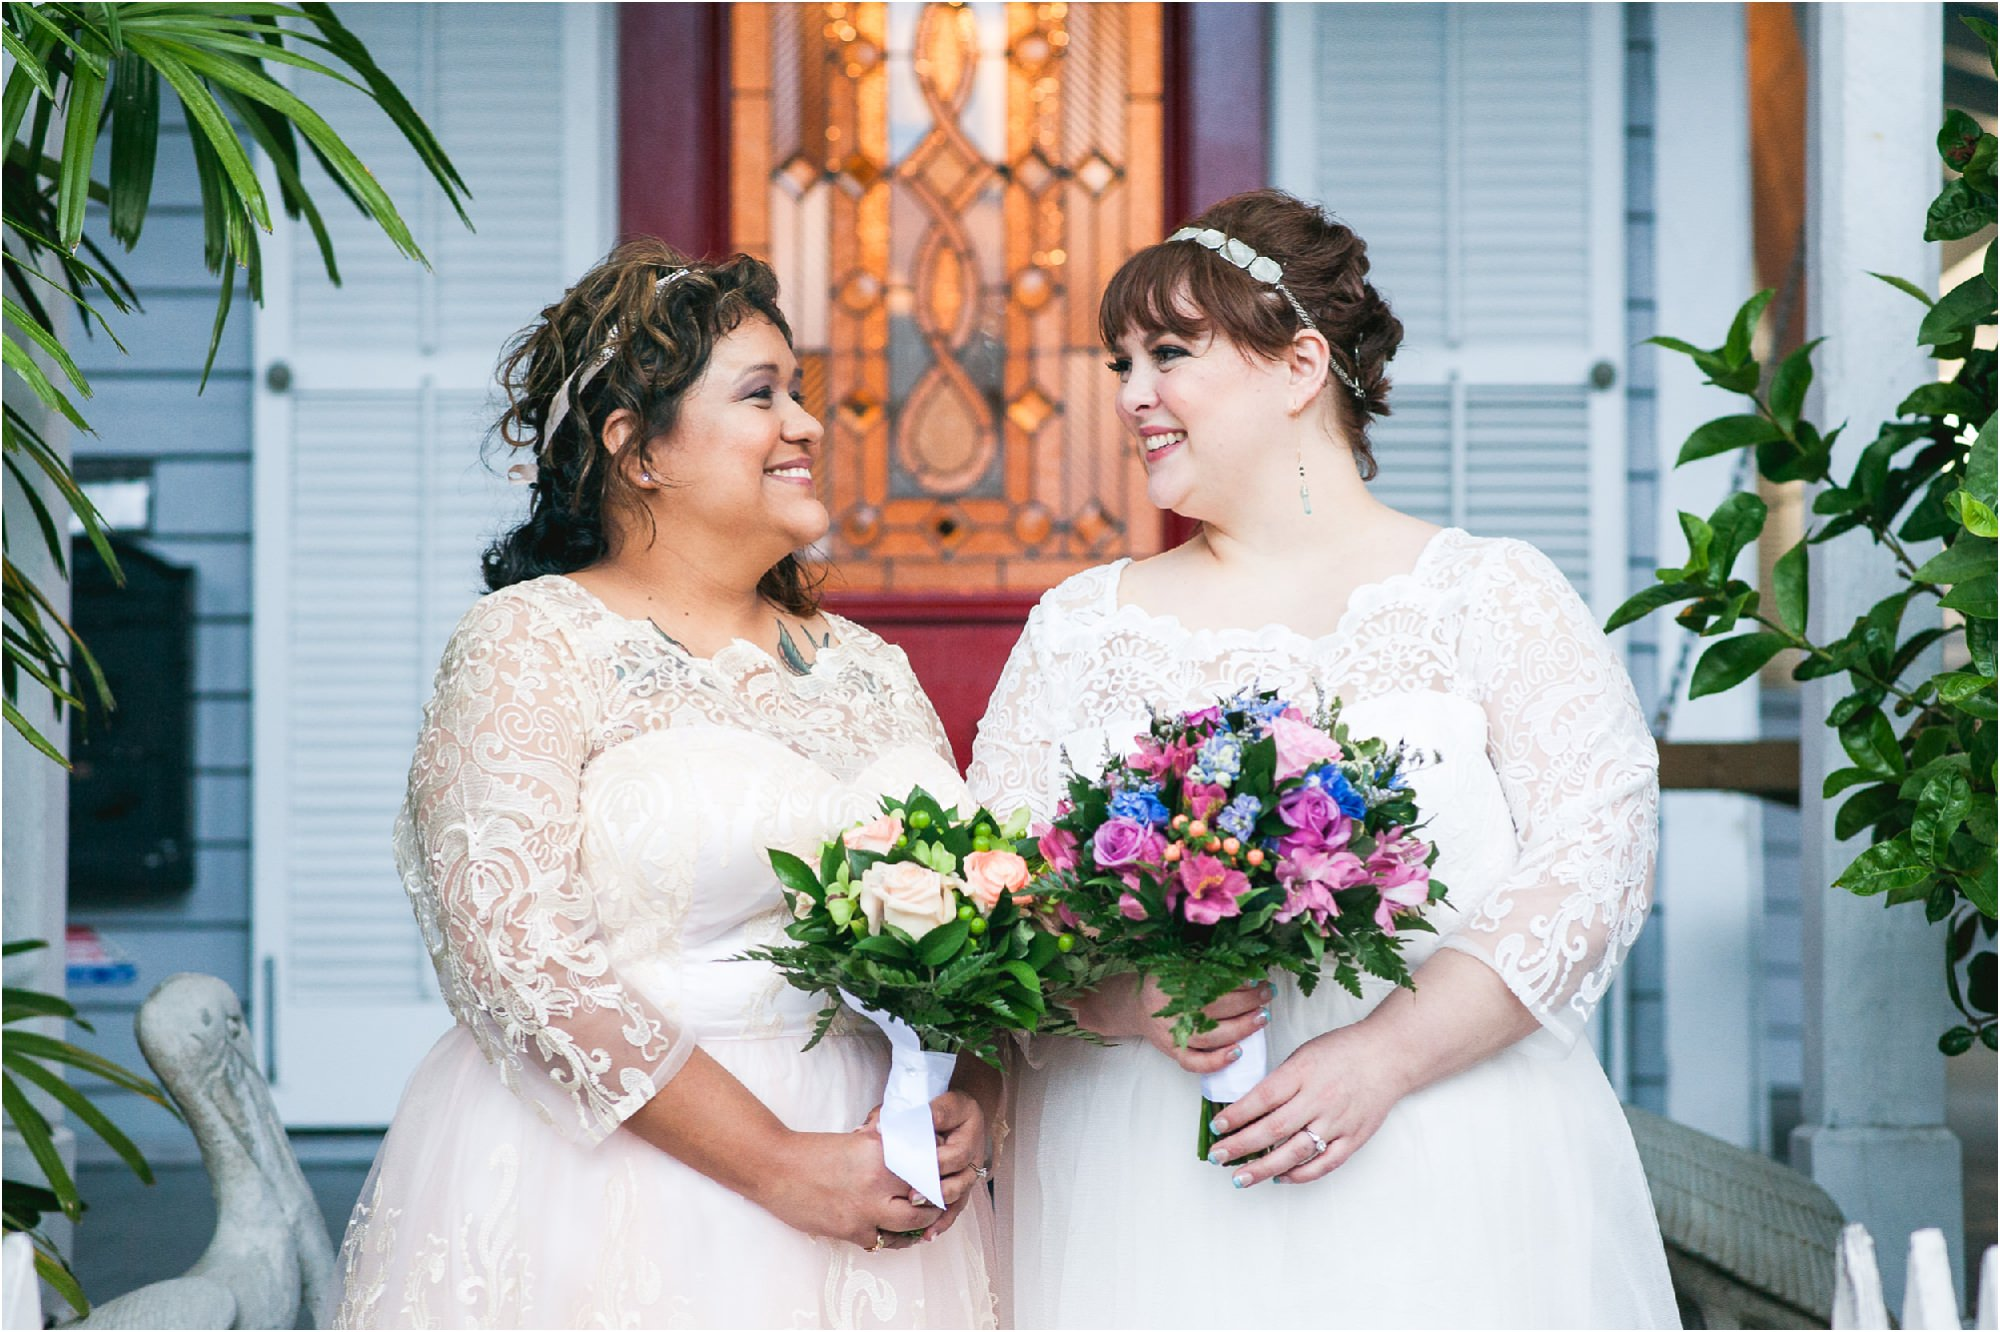 same sex wedding-key west-florida-jessenia gonzalez-miami wedding photographer_0917.jpg